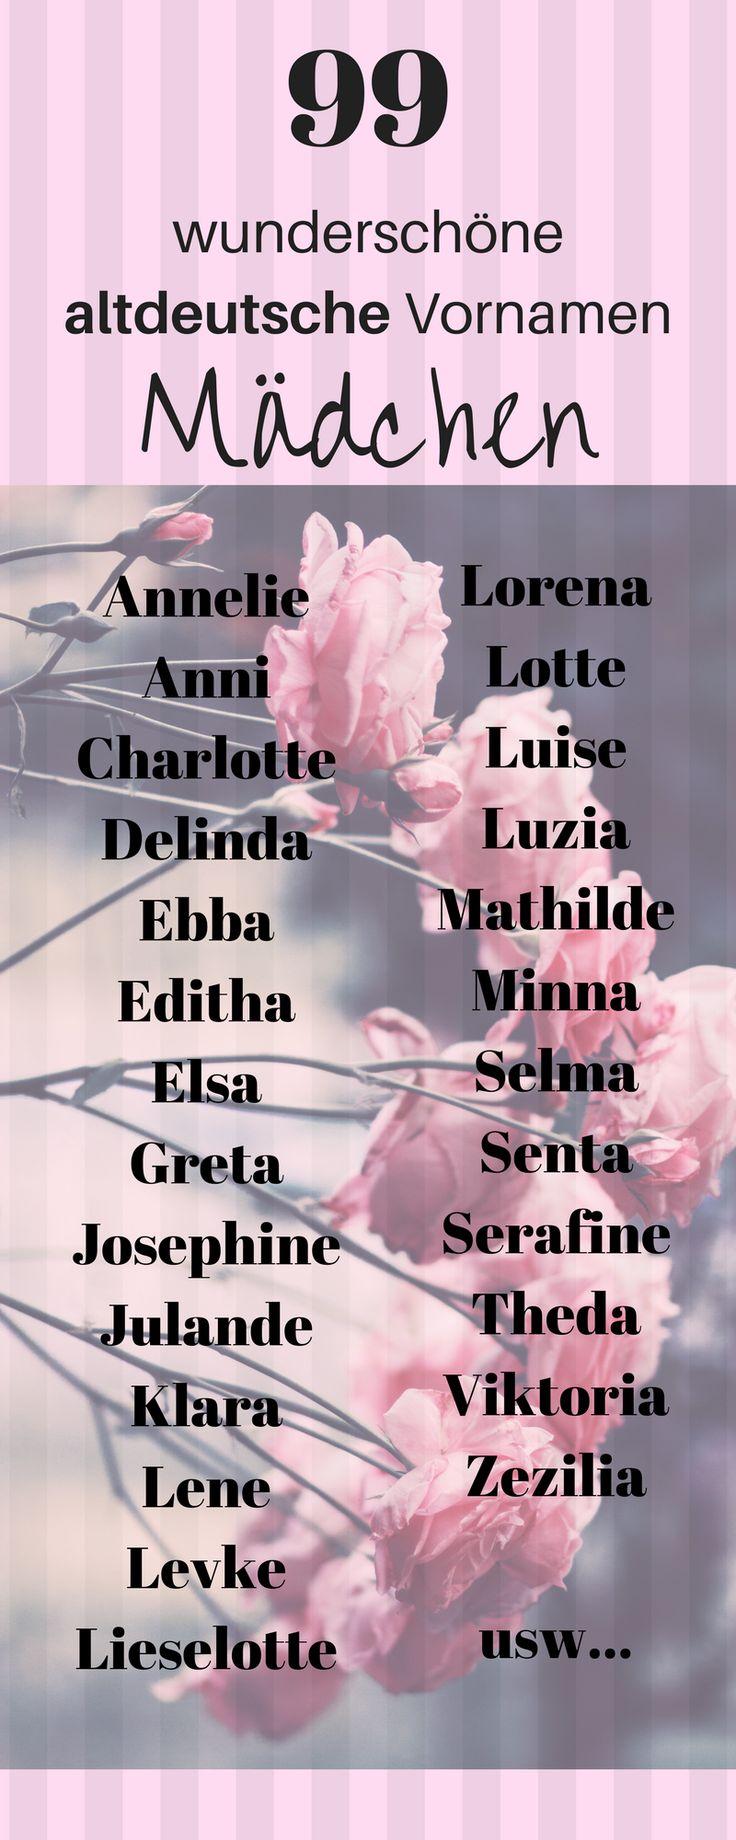 99 wunderschöne altdeutsche Vornamen für Mädchen. Vornamen Mädchen, Vornamen Mädchen altdeutsch, schwangerschaft, Vornamen Baby, Vornamen selten, Vornamen deutsch, Vornamen nordisch, Vornamen schwedisch, Vornamen kurz, Vornamen alte, Vornamen italienische, Vornamen dänisch, Vornamen mit E #vornamen #baby #schwanger beliebte Vornamen